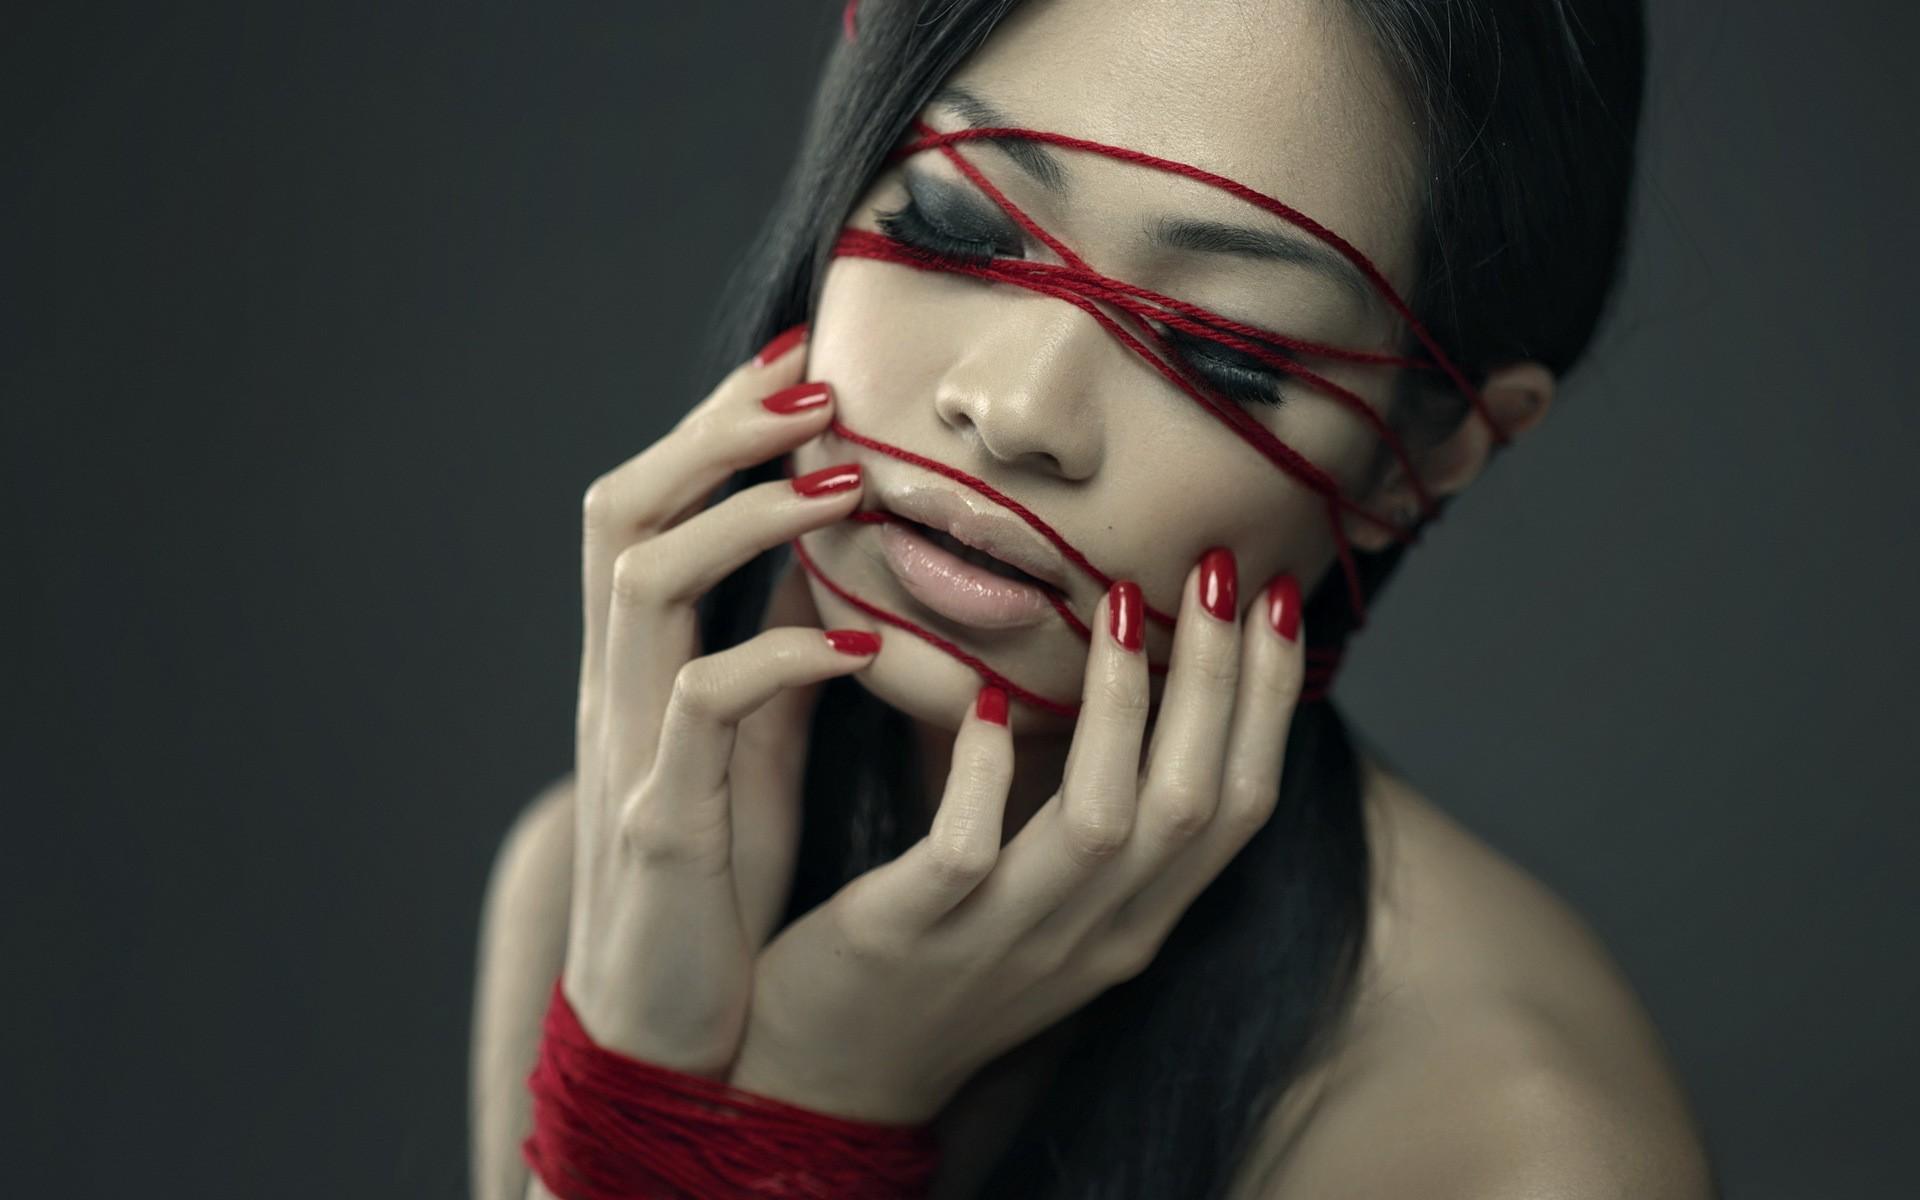 Связанные руки губы